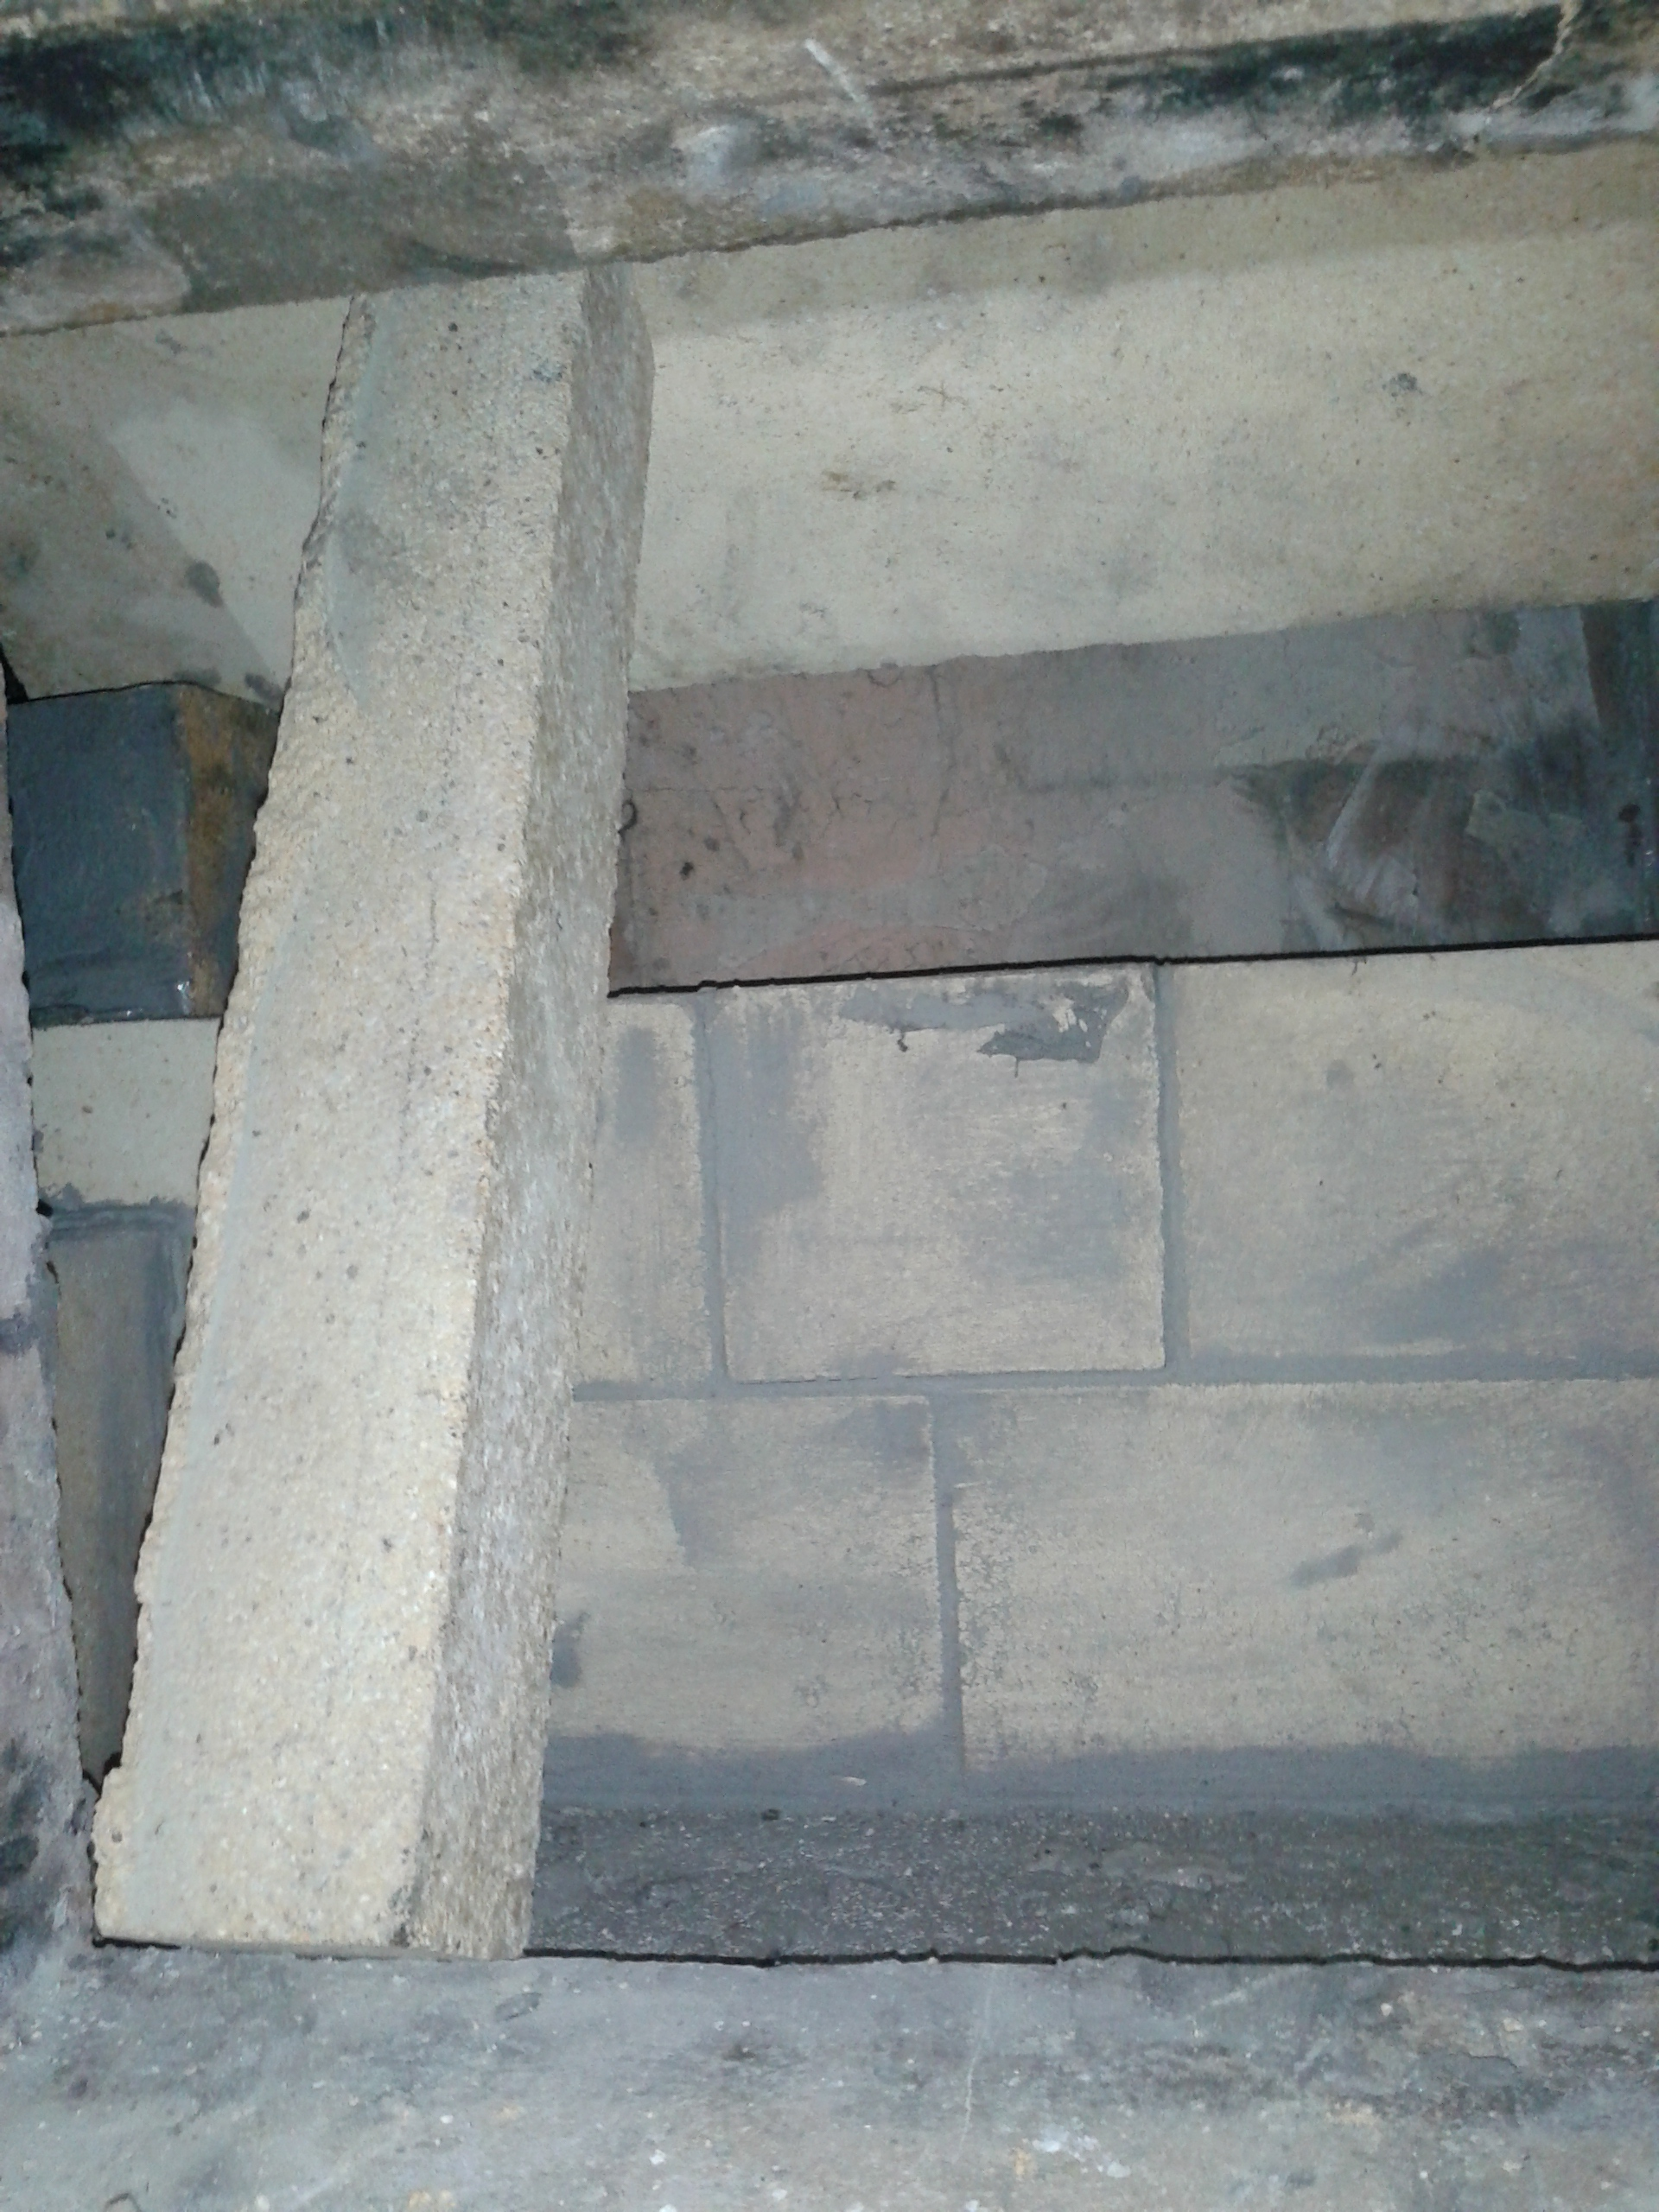 Yelm Contraflow Repair